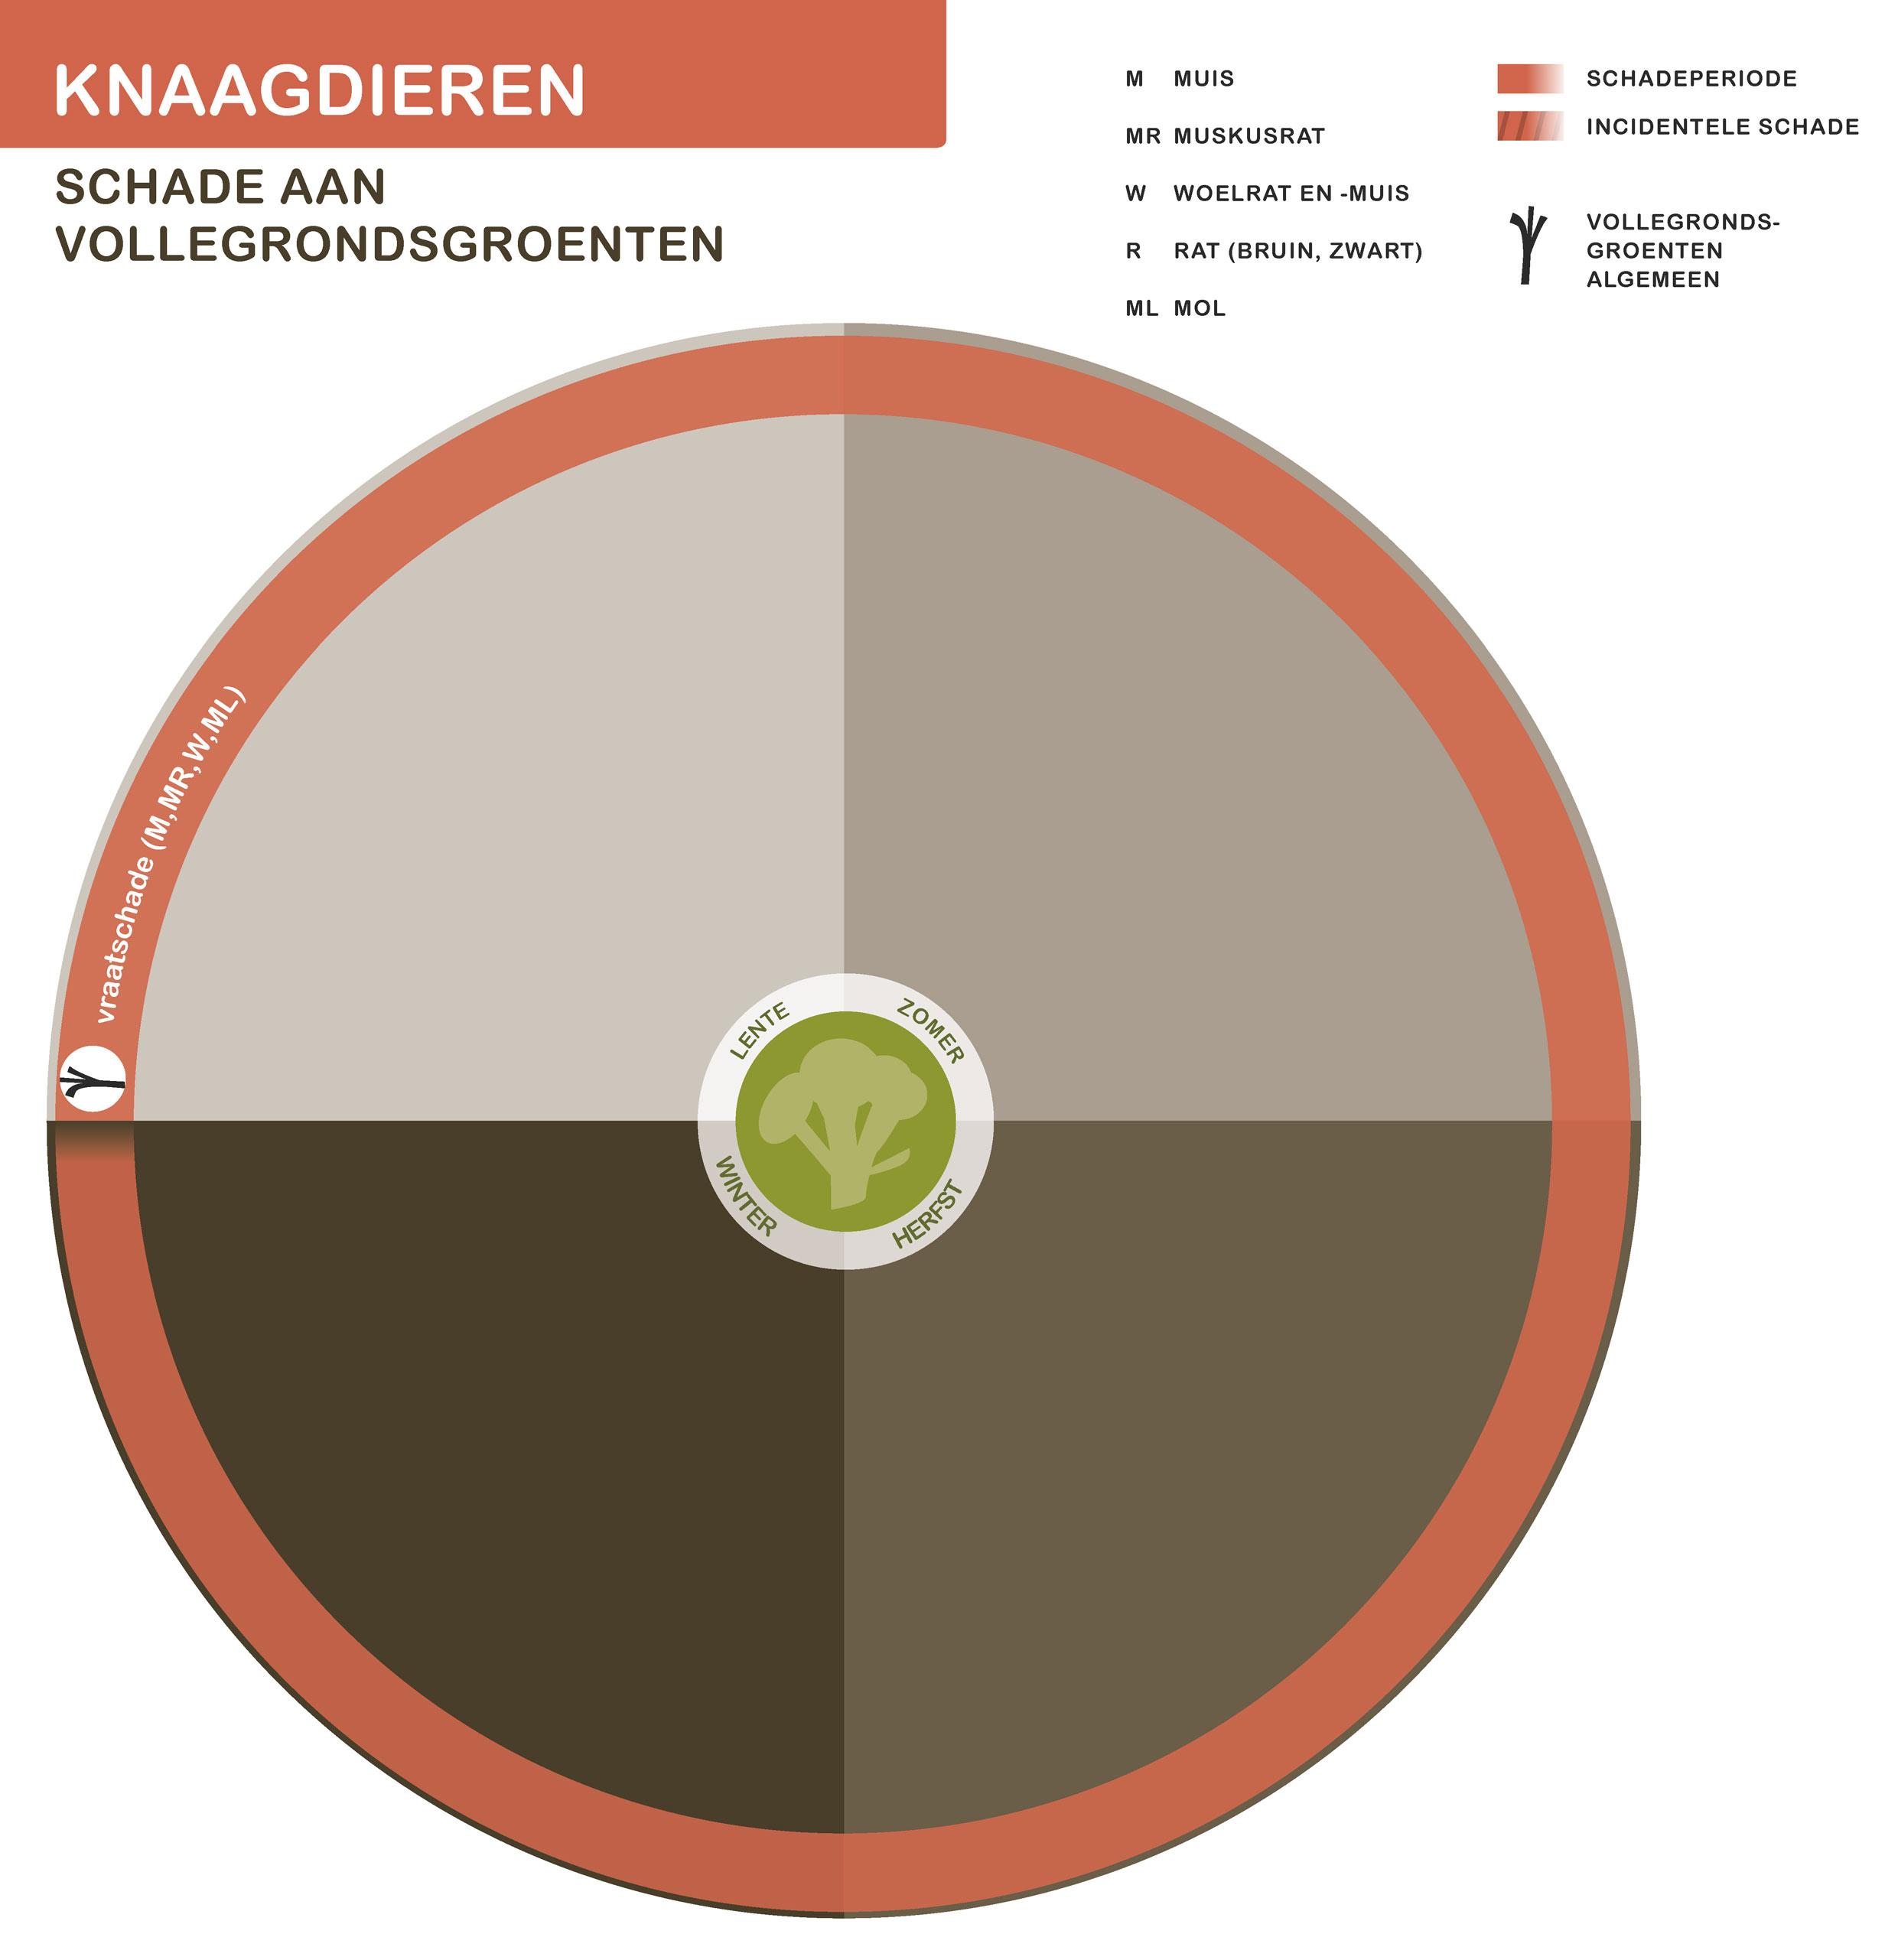 FPK-infogr-knaagd-vollegr-1